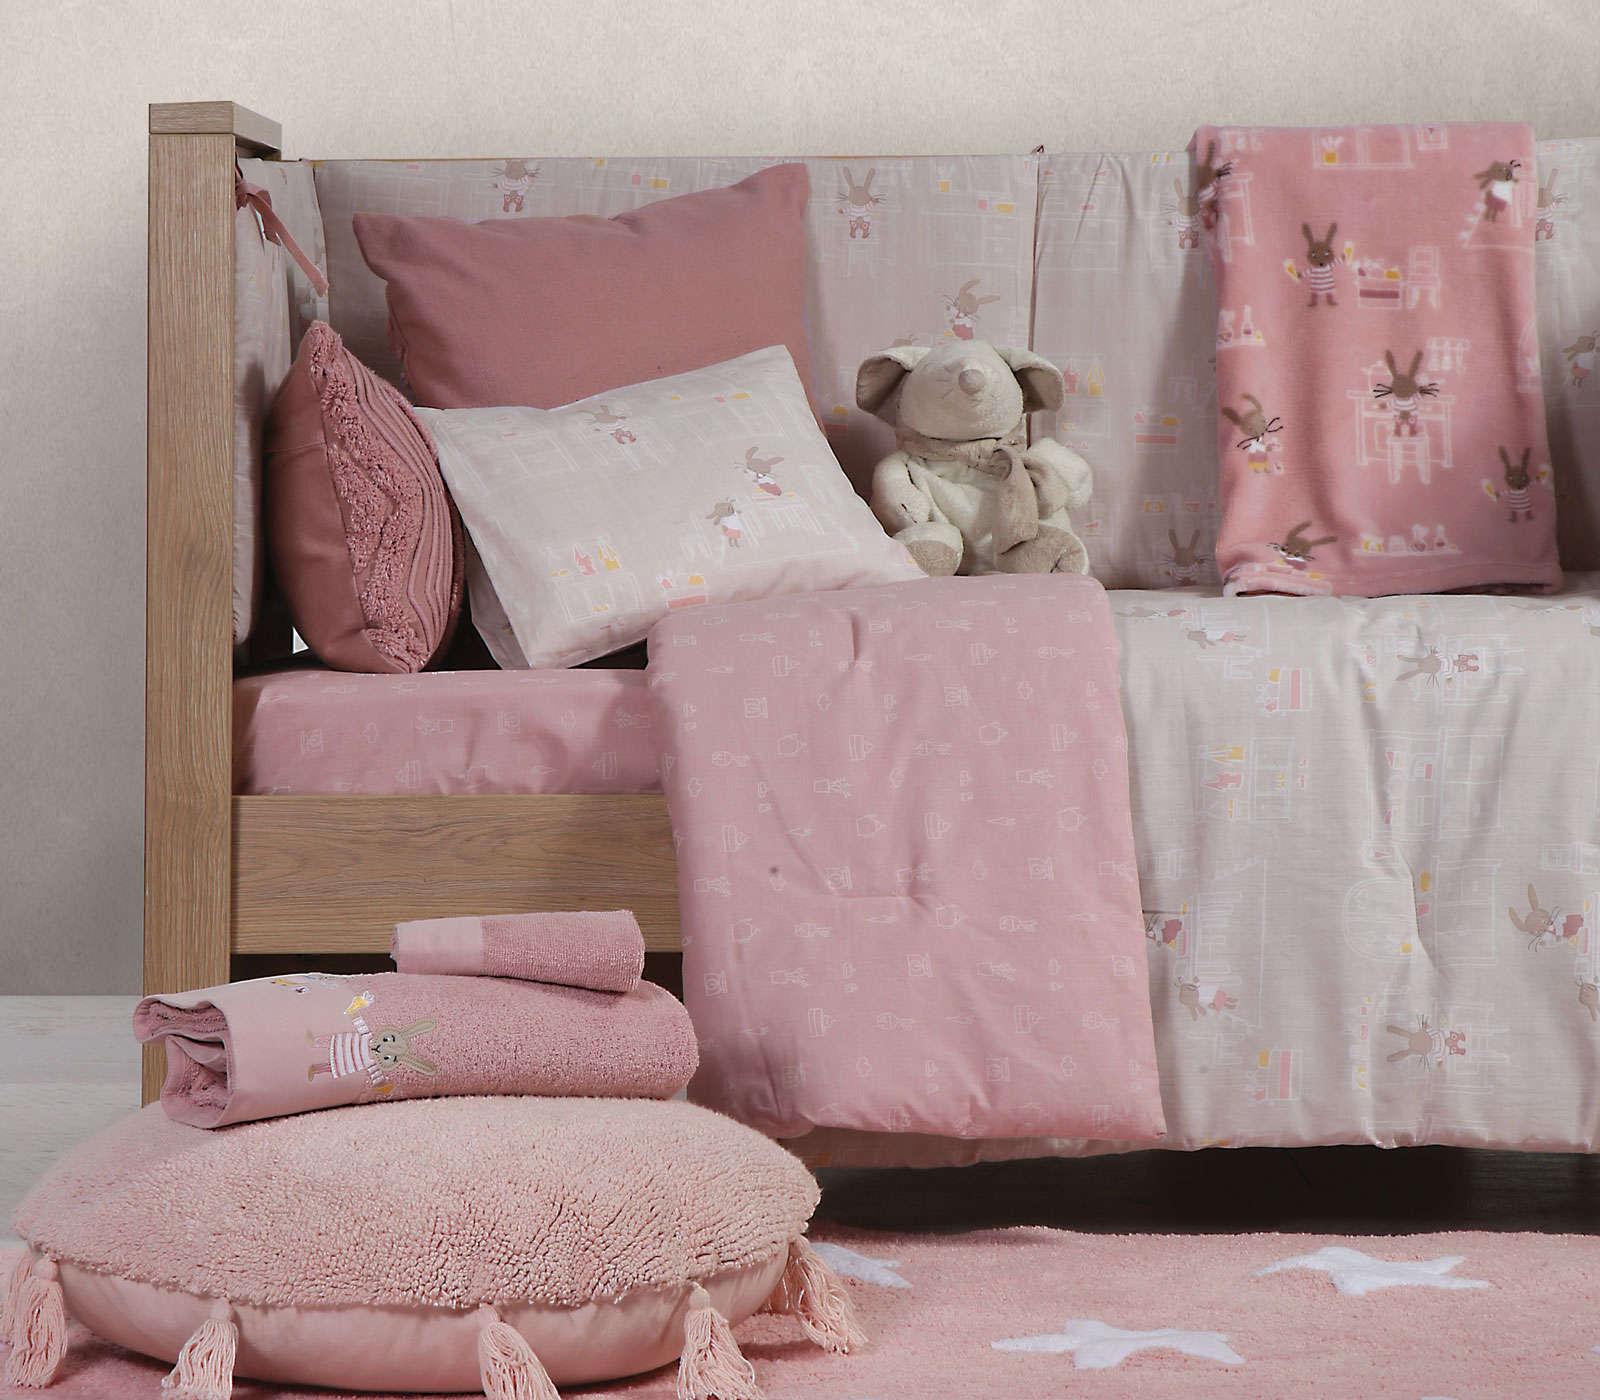 Σεντόνια Βρεφικά Σετ Rabbit In The House Pink-Grey Nef Nef Κούνιας 120x170cm